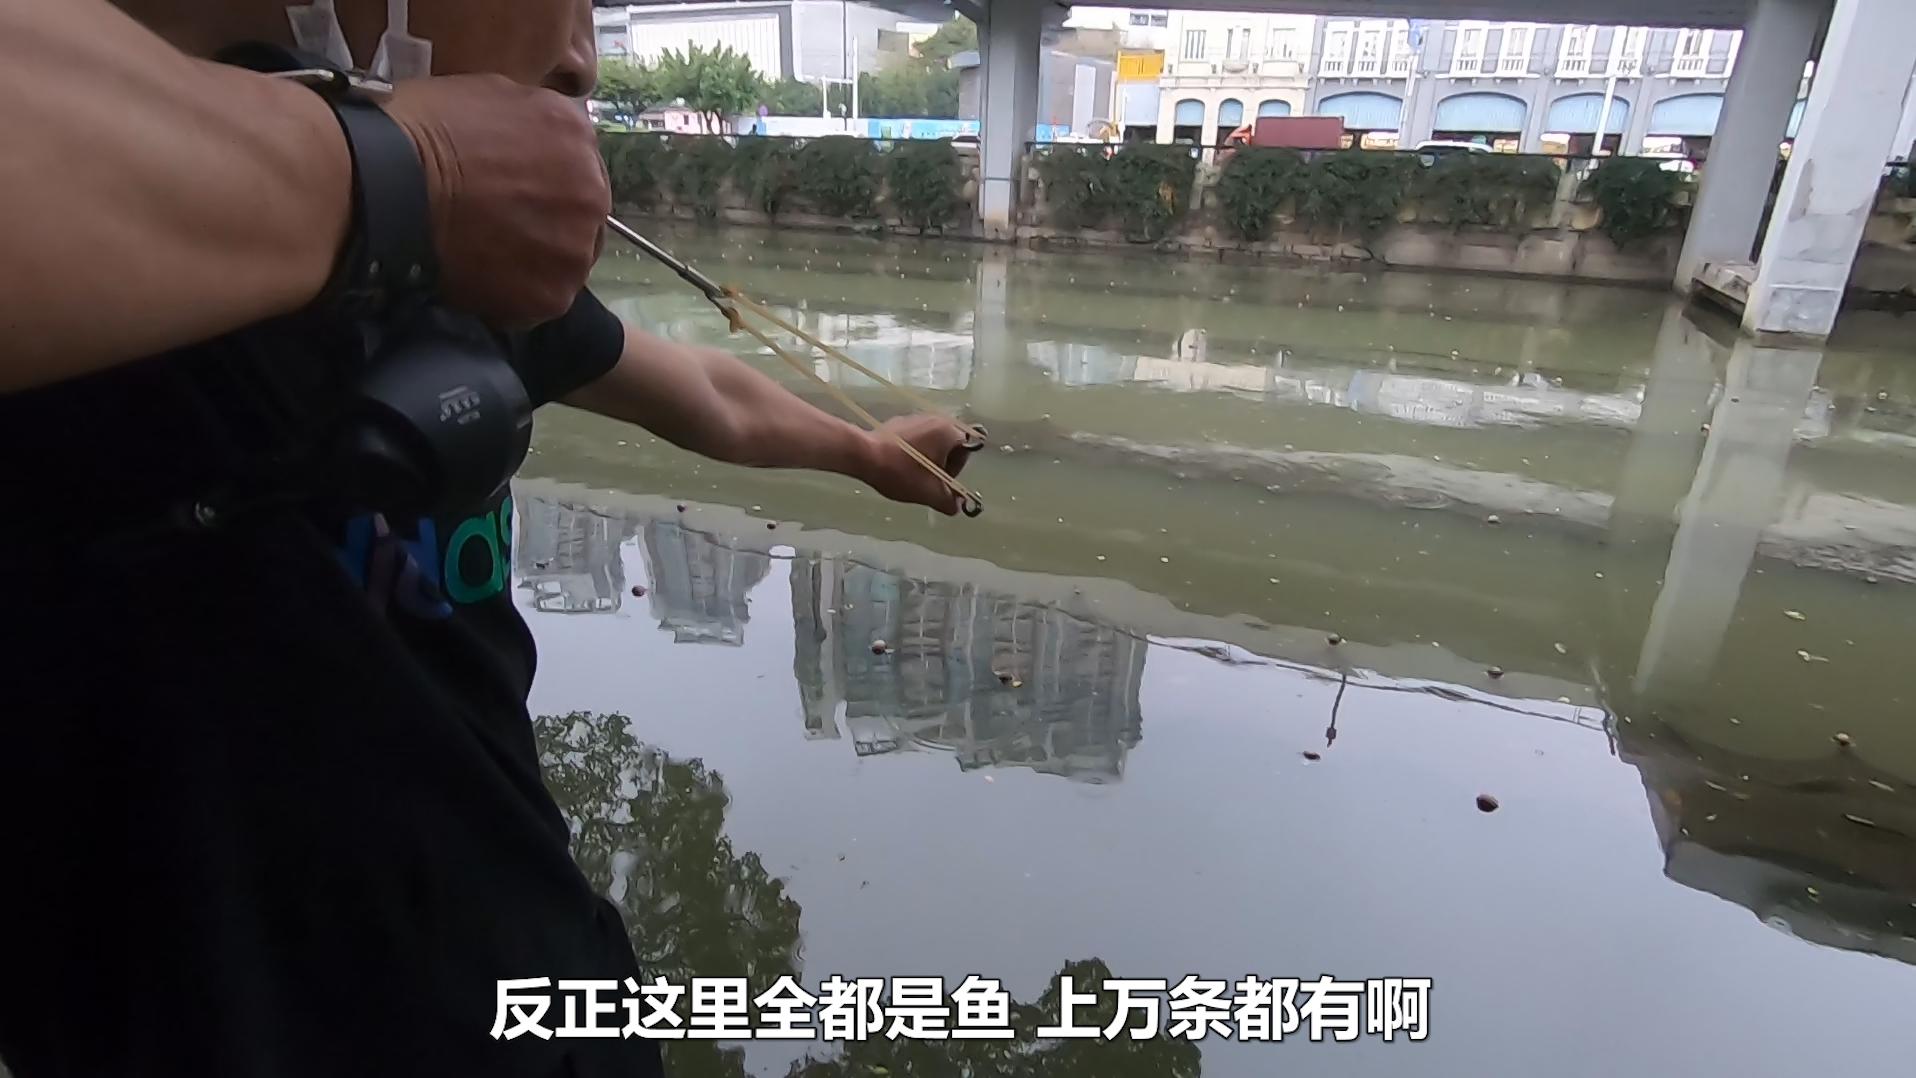 广州珠江边很多人在钓鱼,看大叔的射鱼工具,能打中吗?